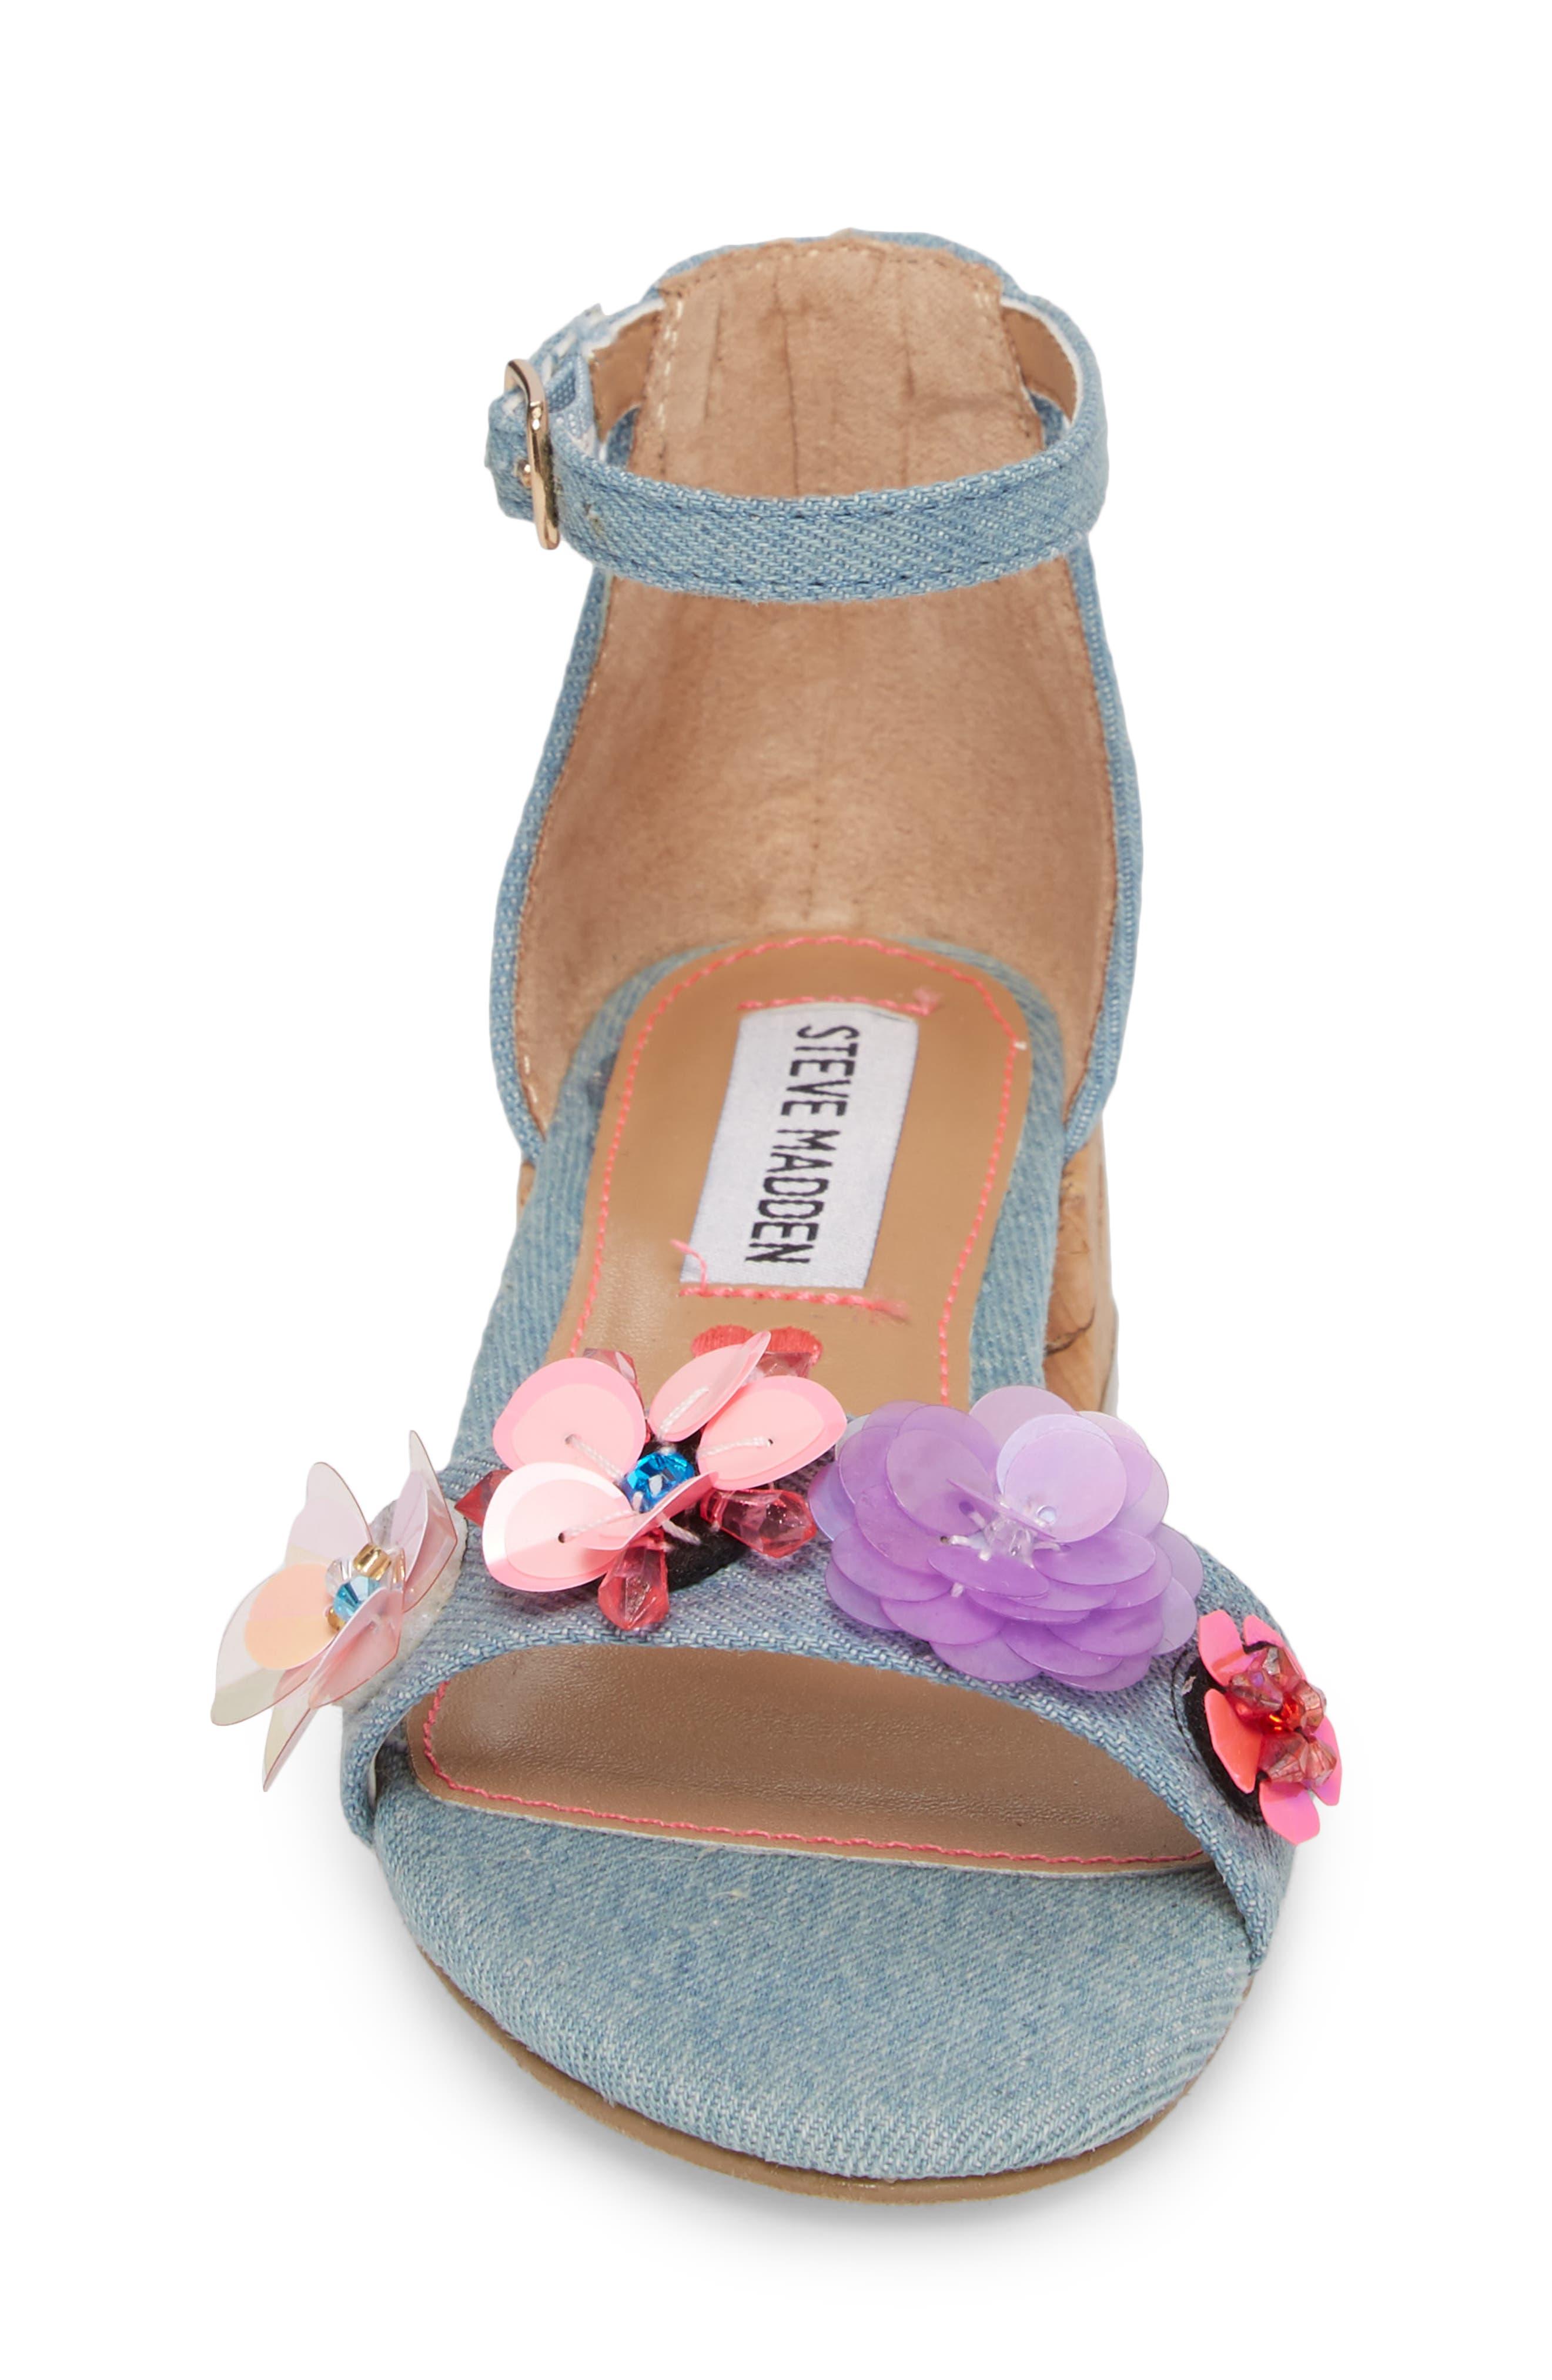 Iriss Embellished Flower Sandal,                             Alternate thumbnail 4, color,                             Denim